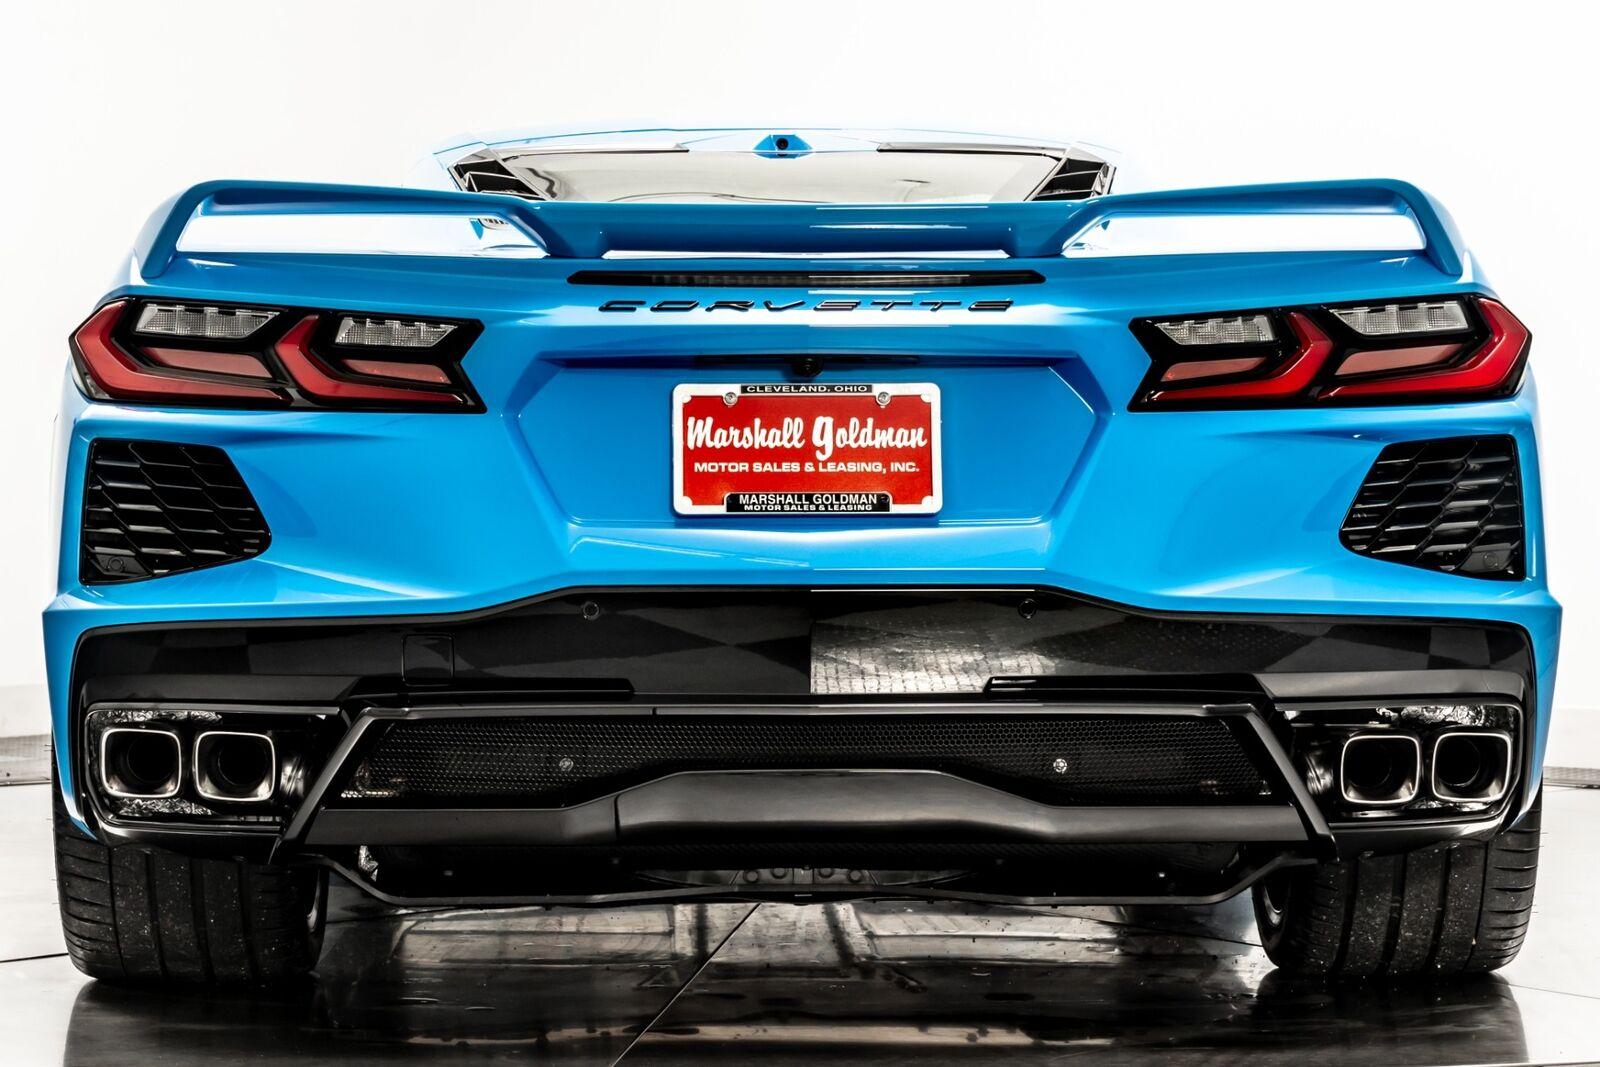 2021 Blue Chevrolet Corvette  3LT   C7 Corvette Photo 7